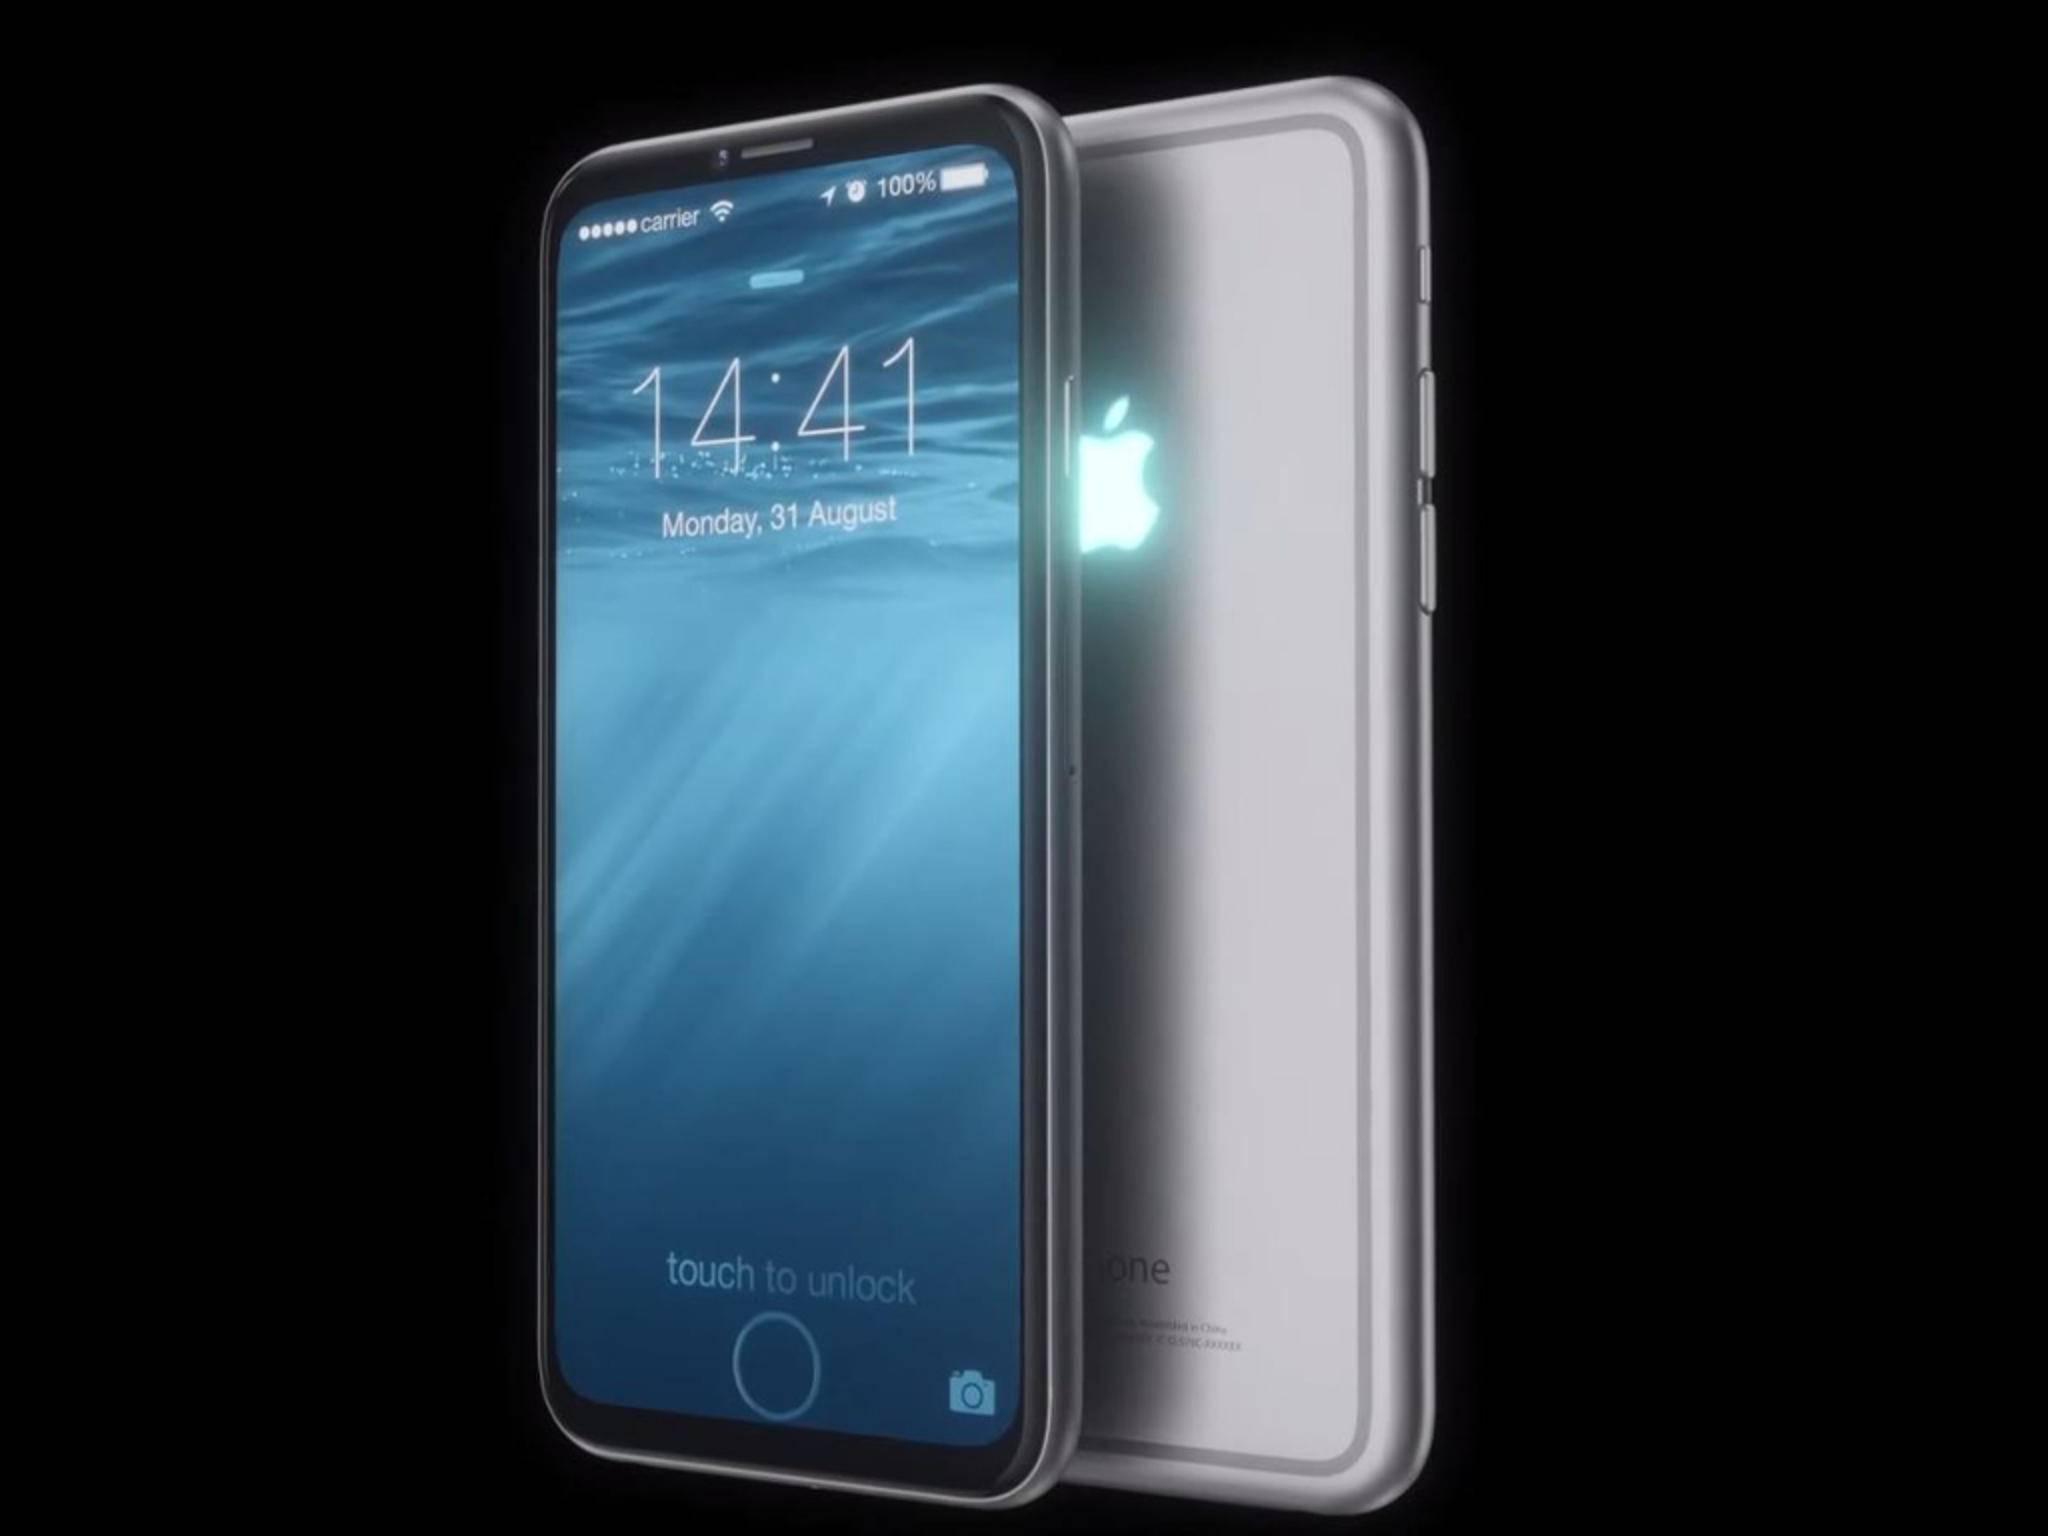 Laut einem Insider kommt das iPhone 7 im März 2016 mit einem völlig neuem Design.